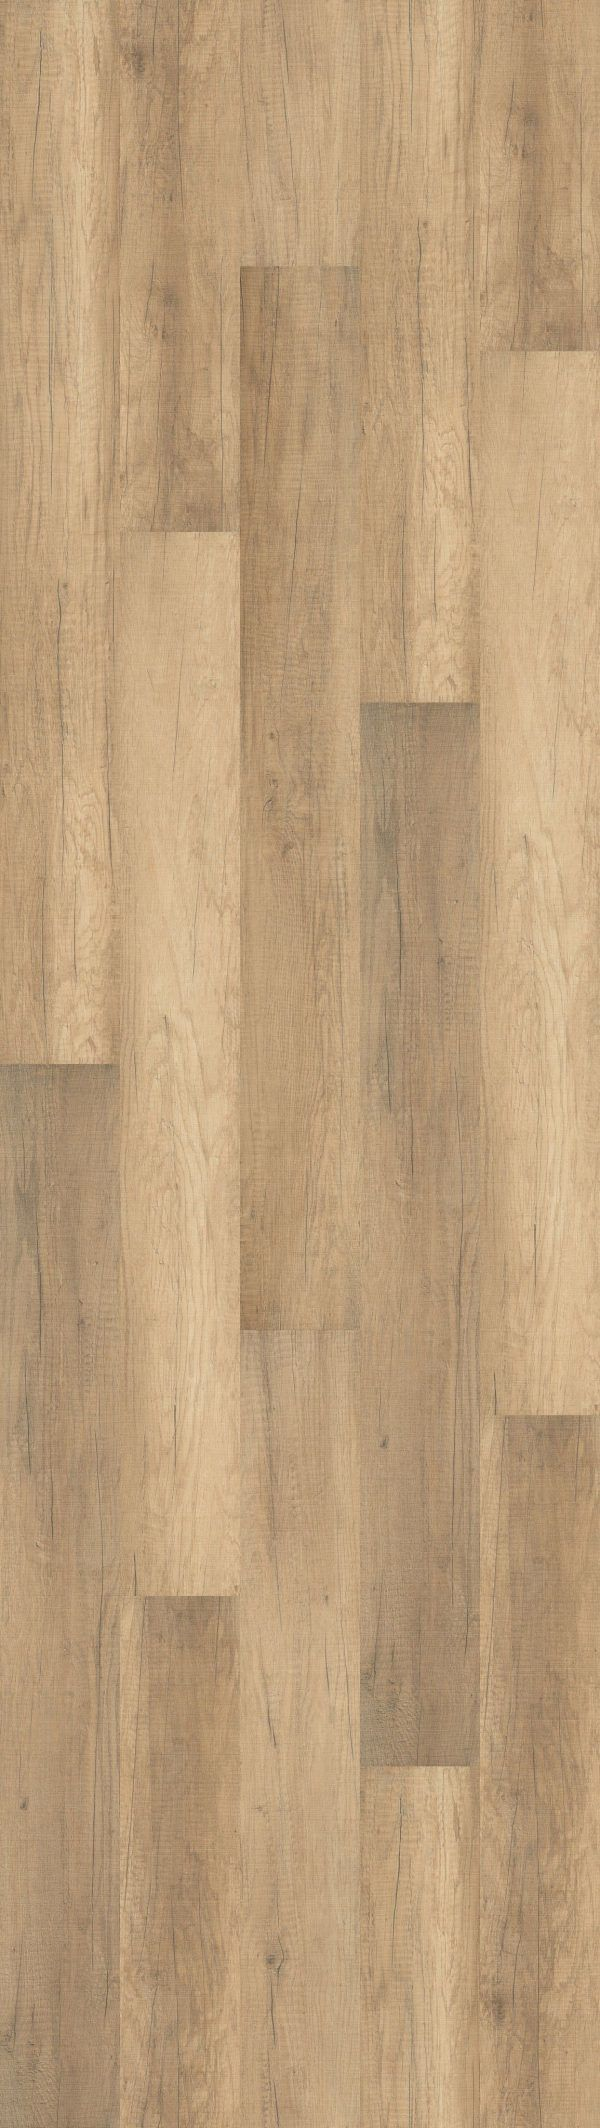 Welsh Pale Oak